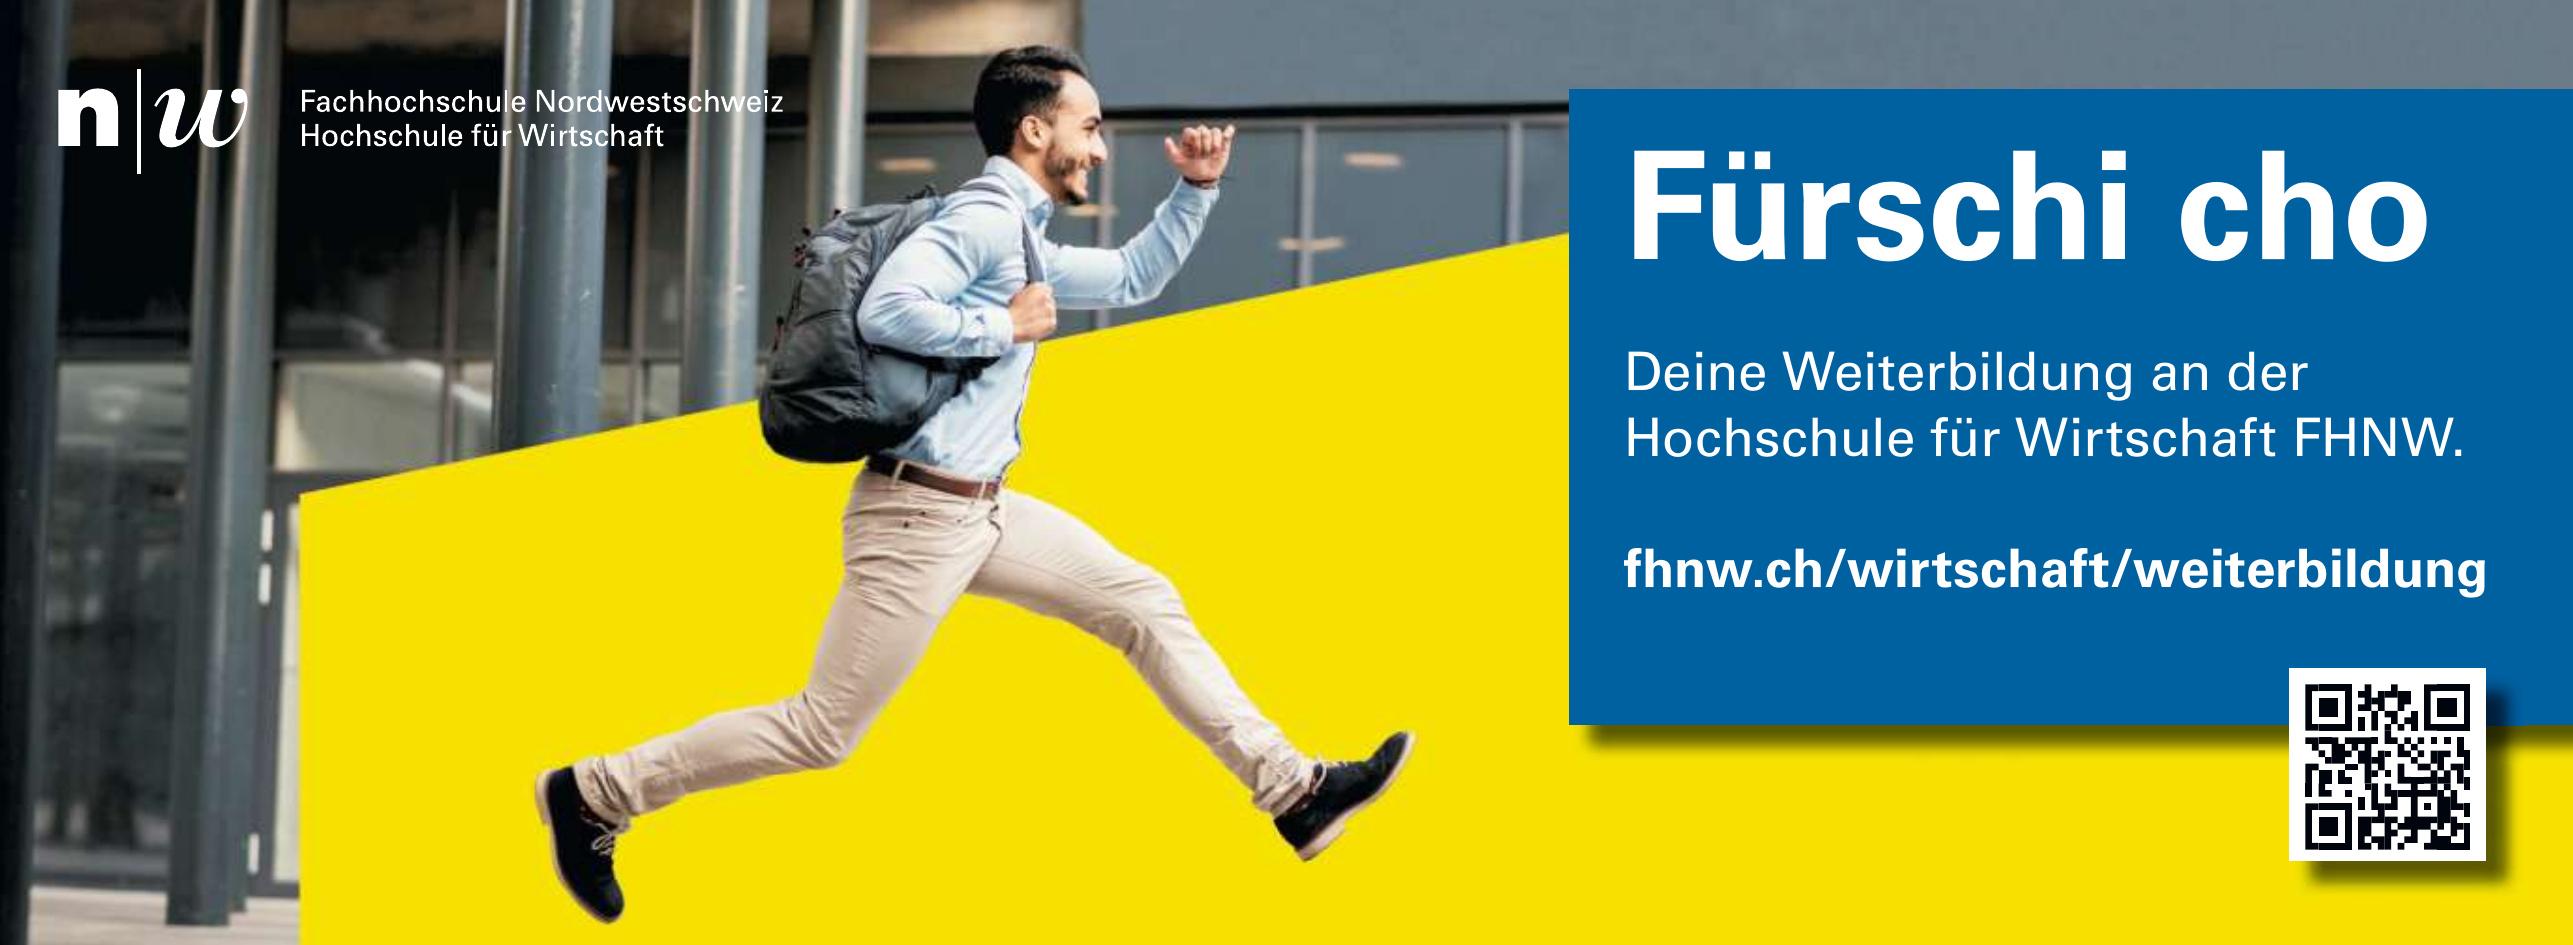 Fachhochschule Nordwestschweiz Hoschule für Wirtschaft